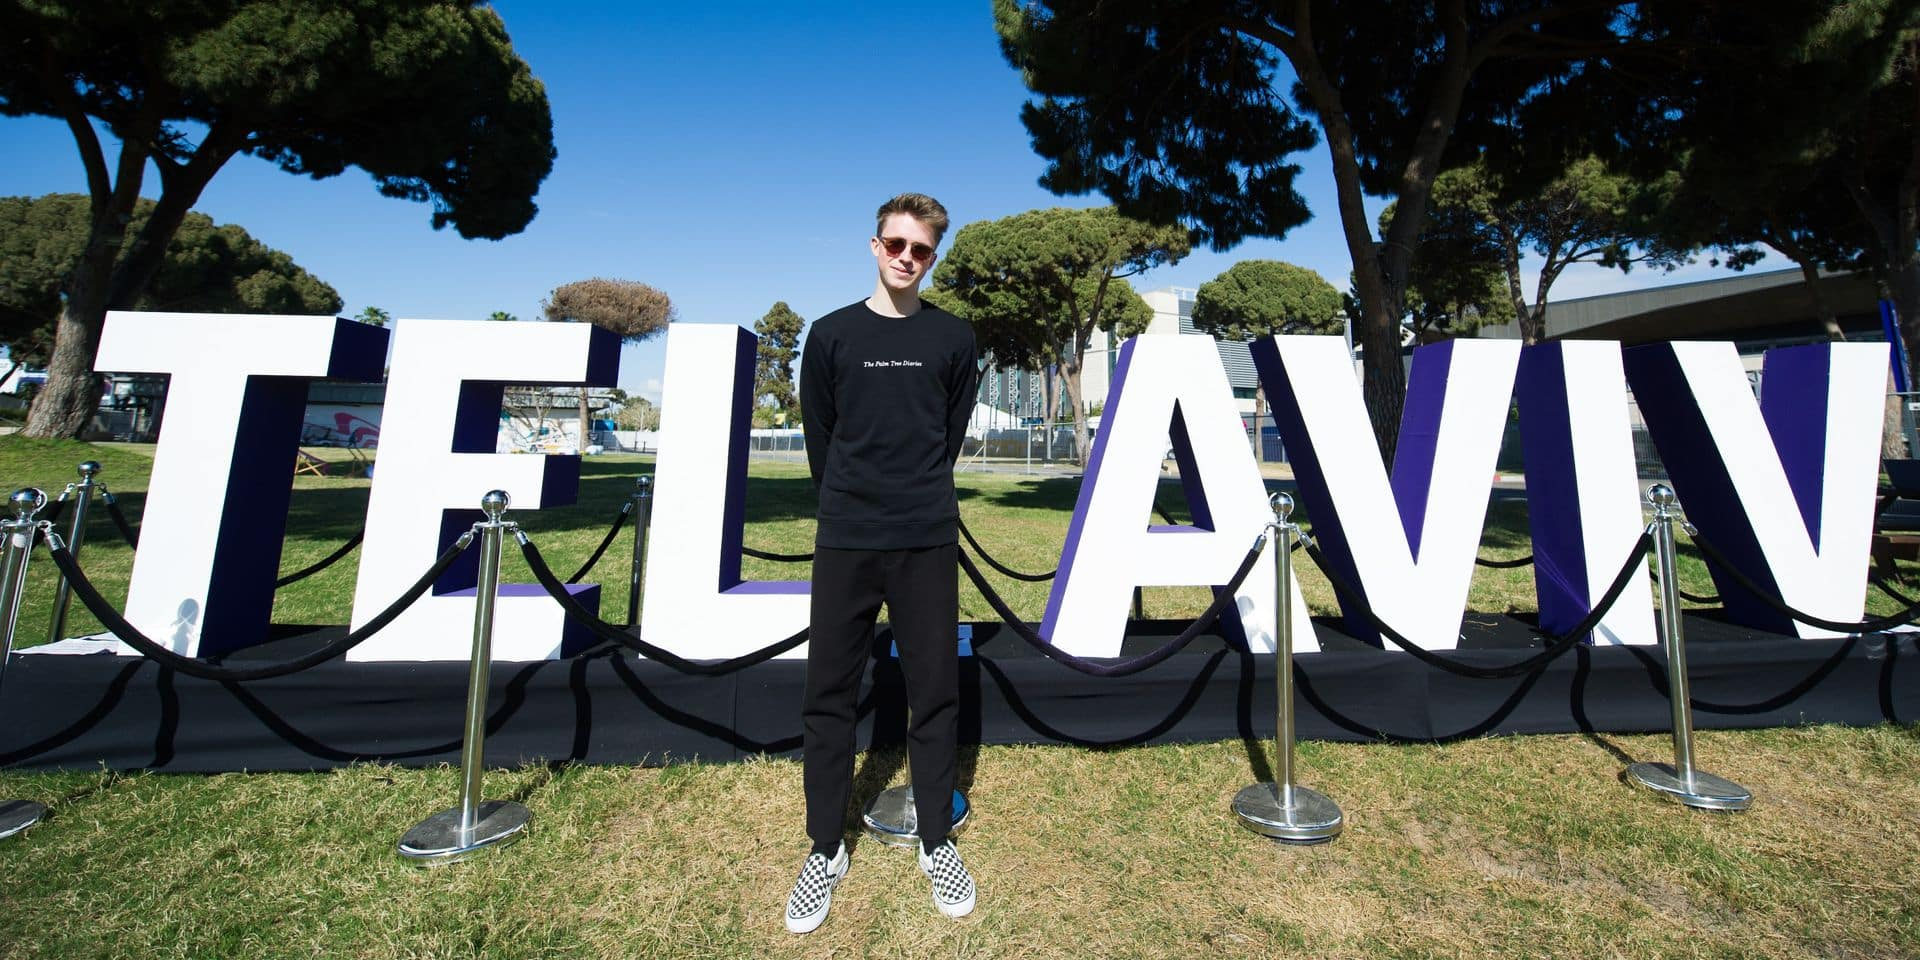 Eurovision 2019: avec Wake up, Eliot vise à qualifier la Belgique pour la finale de l'Eurovision